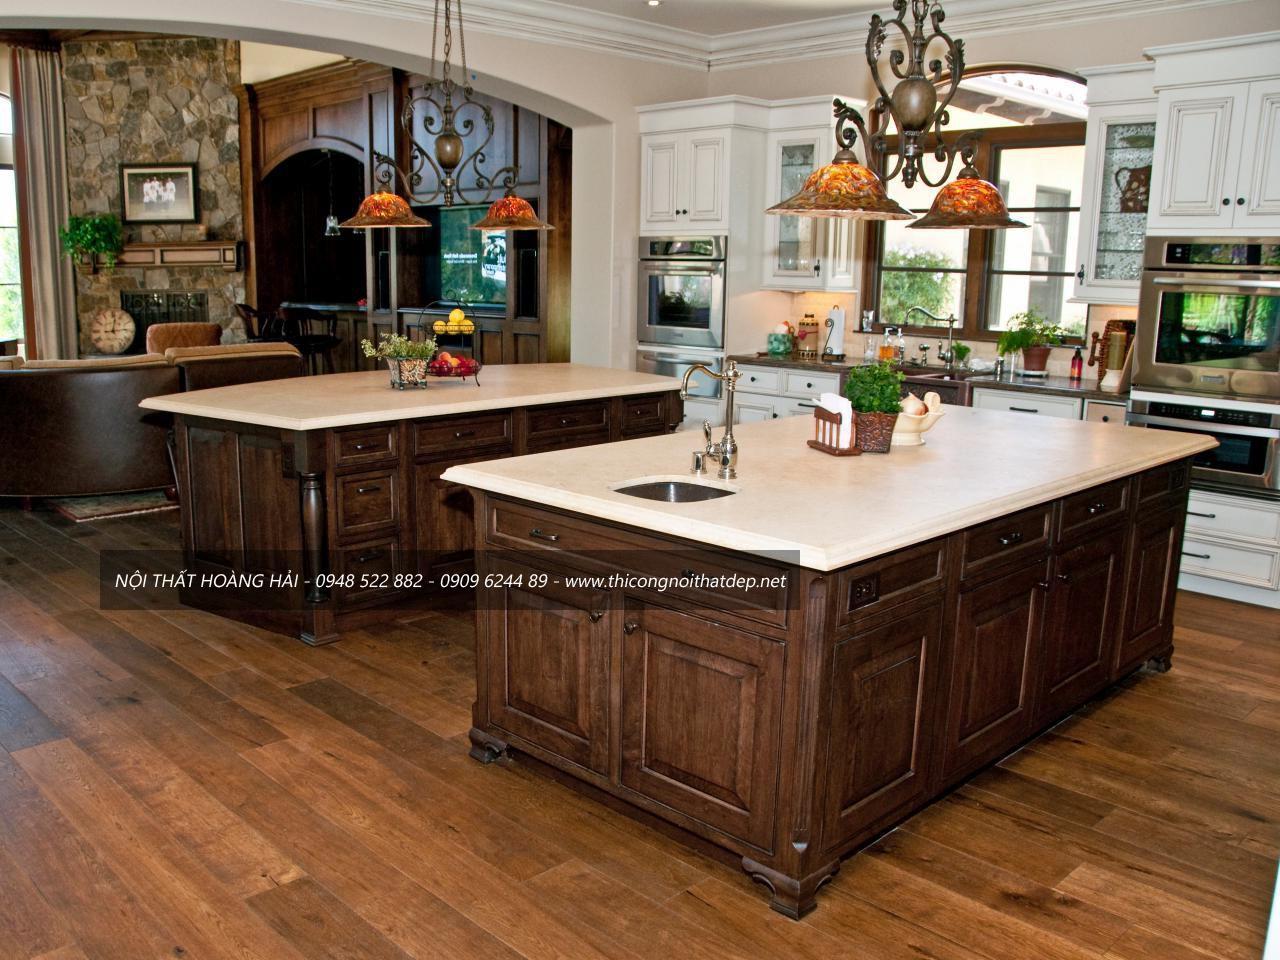 Mẫu tủ bếp gỗ óc chó tân cổ điển có bàn đào đẹp